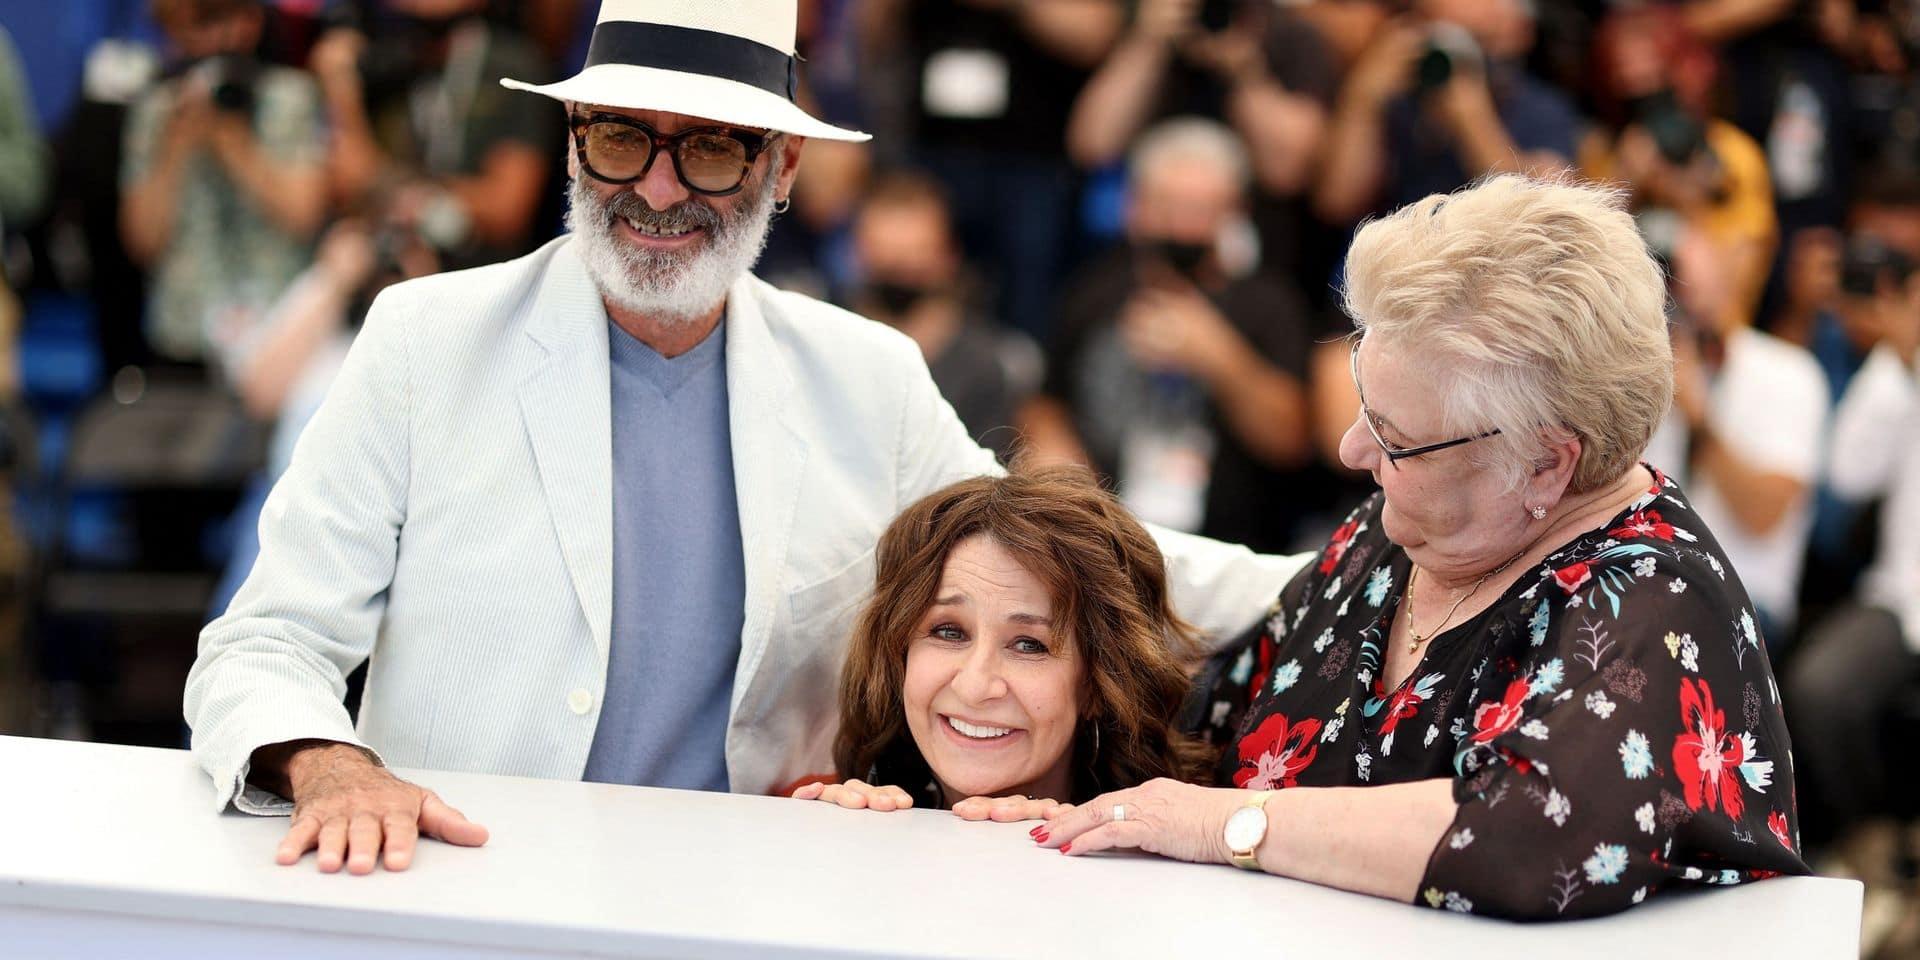 """Valérie Lemercier a présenté Aline à Cannes, son hommage à Céline Dion: """"Je pense qu'un beau mensonge, c'est mieux qu'une petite vérité."""""""